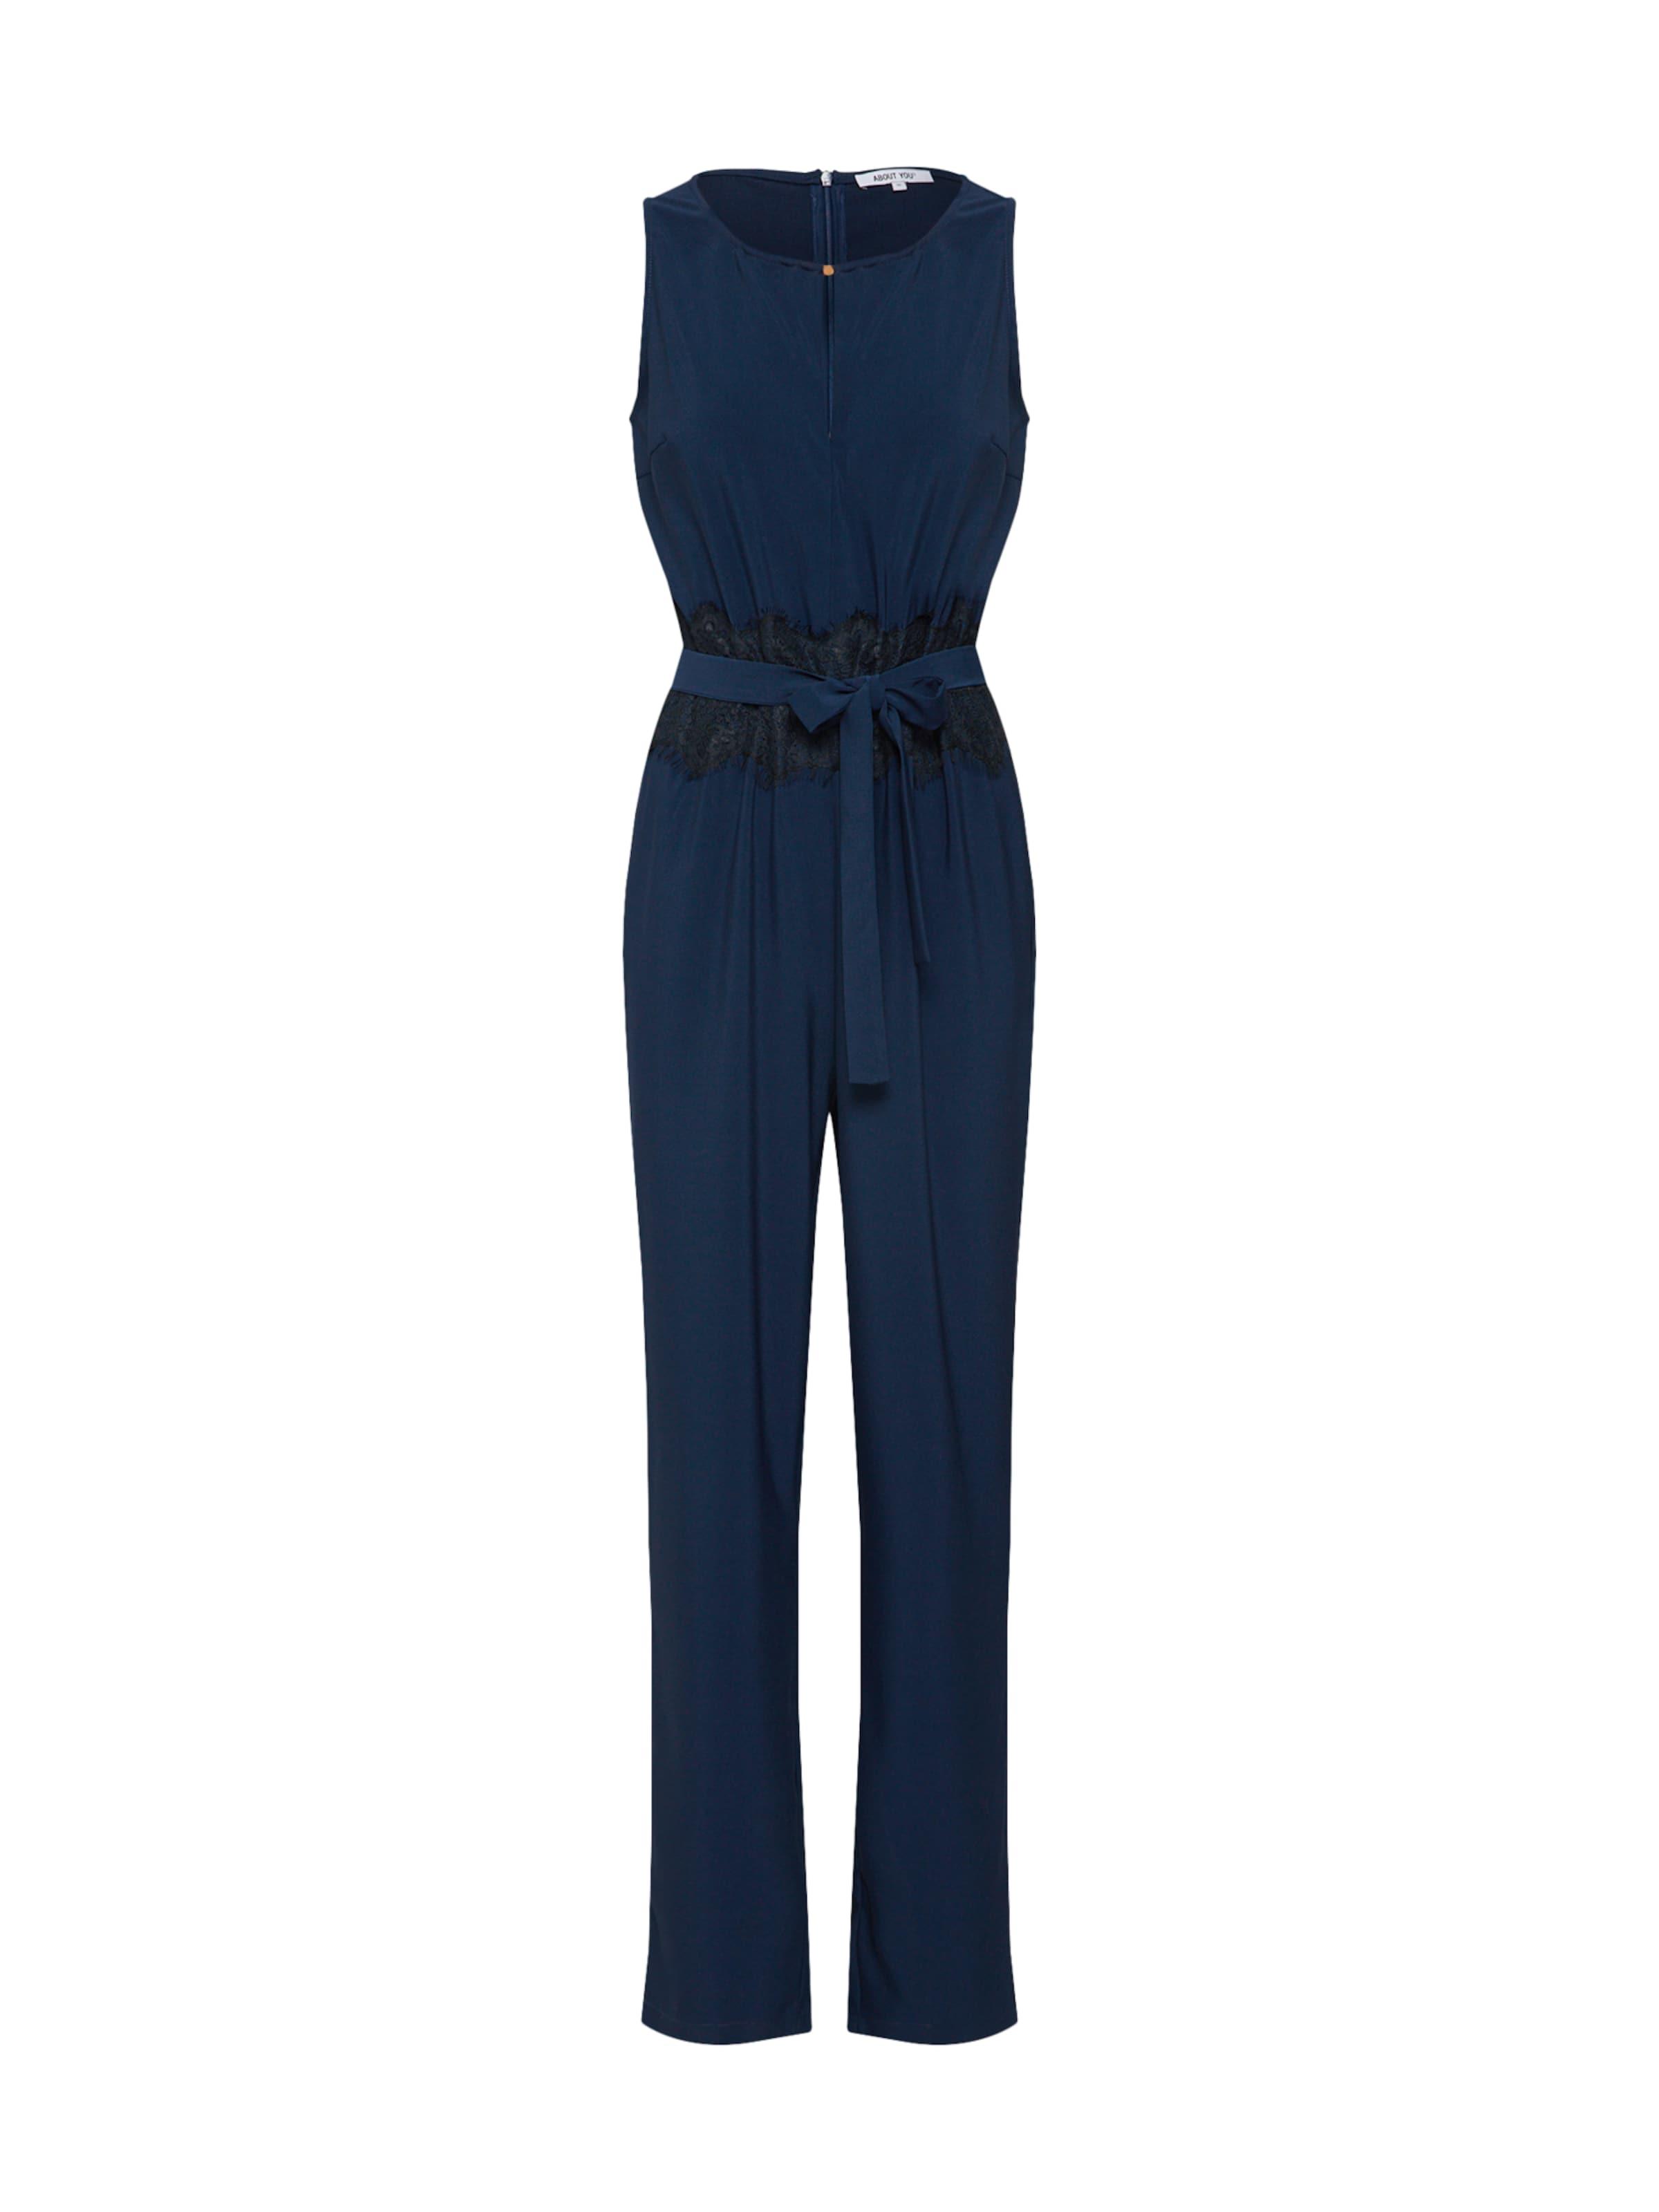 'janine' Combinaison You Bleu About En j3A5R4L